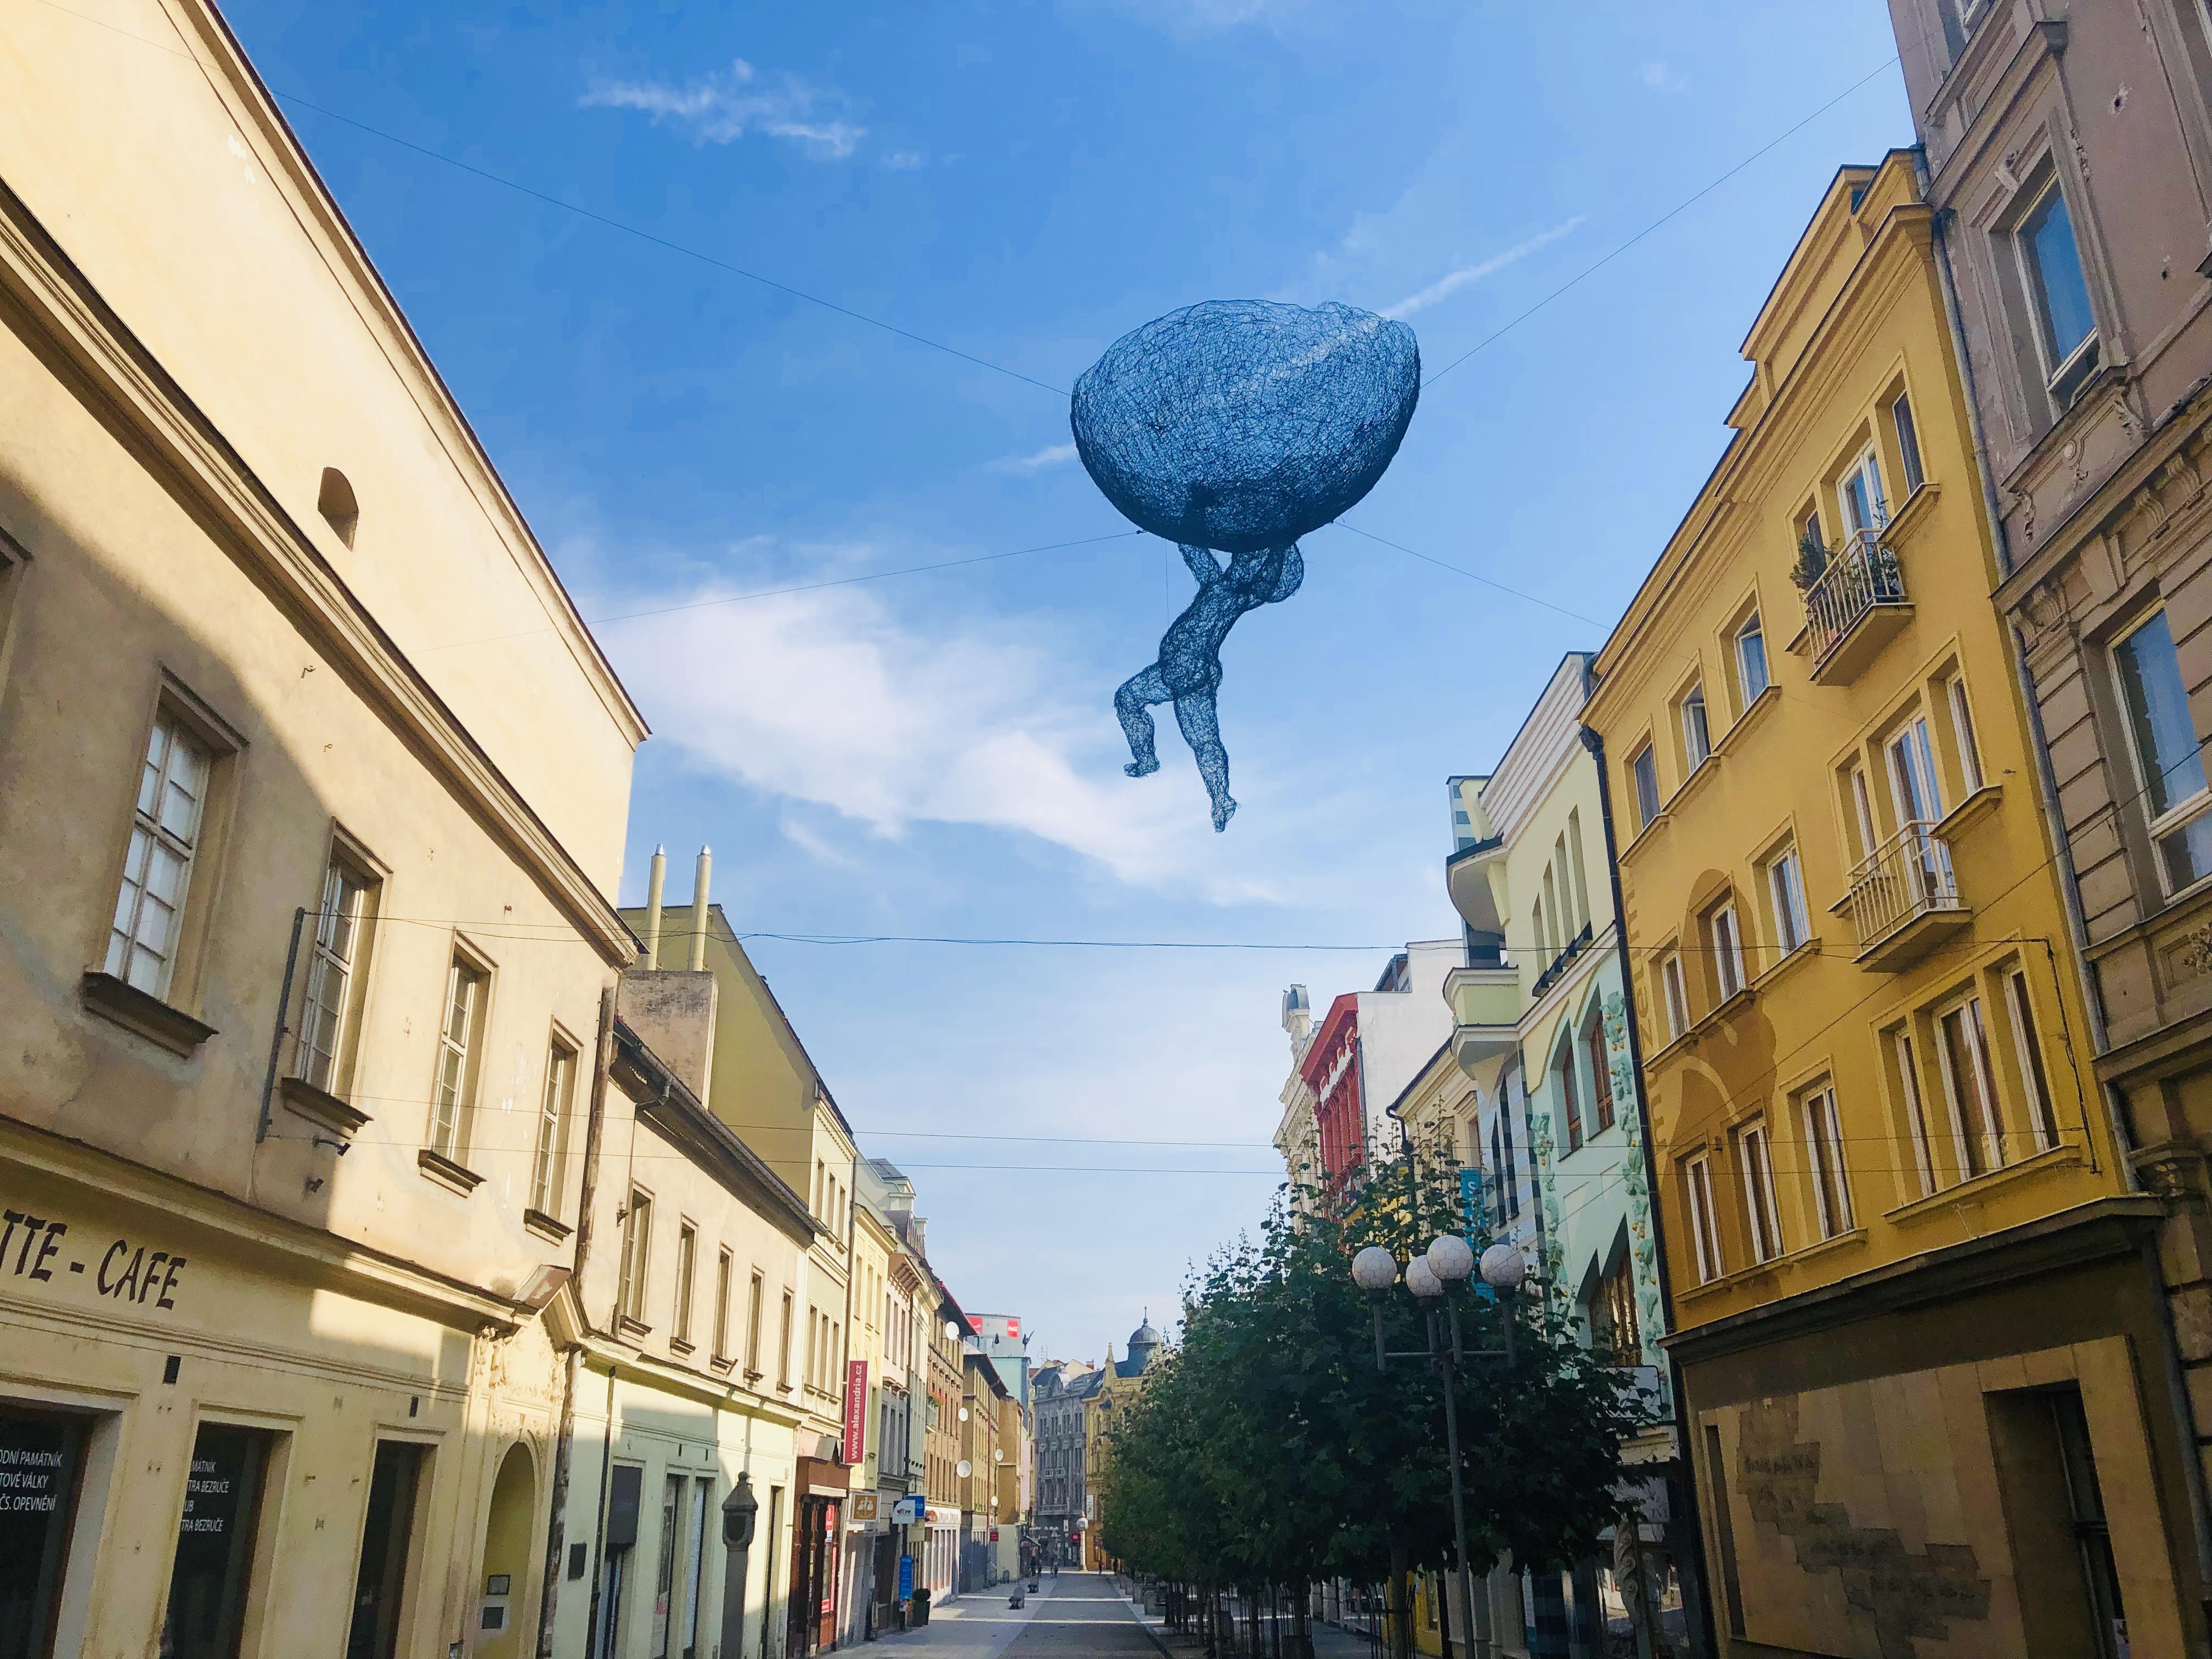 Street art in Opava